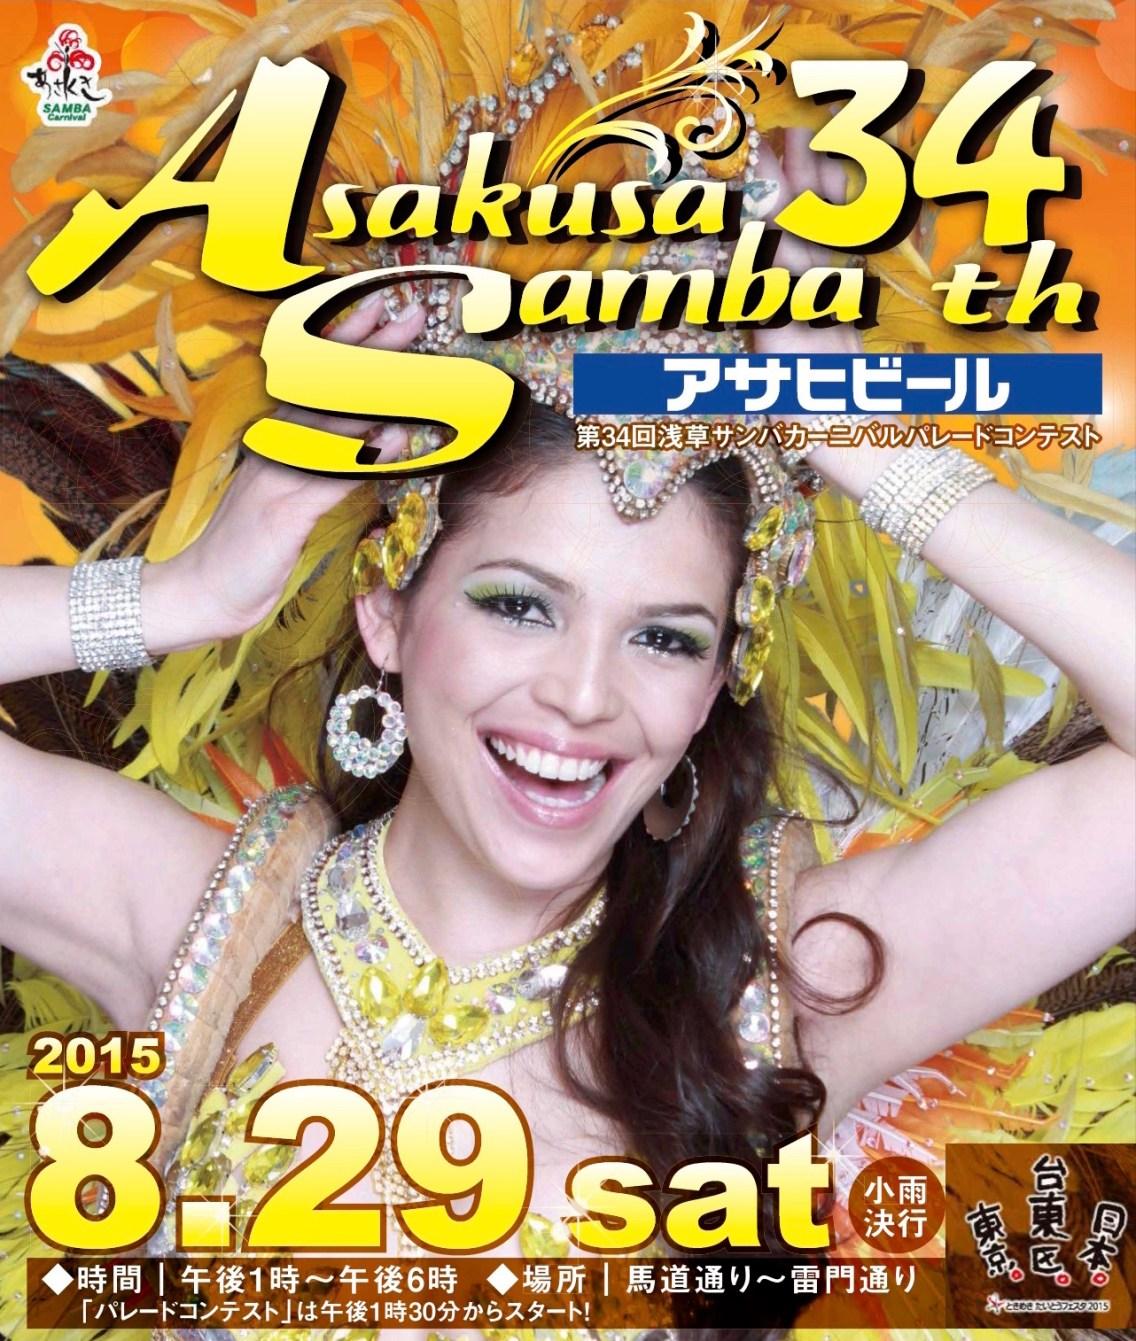 第34回浅草サンバカーニバルのポスター